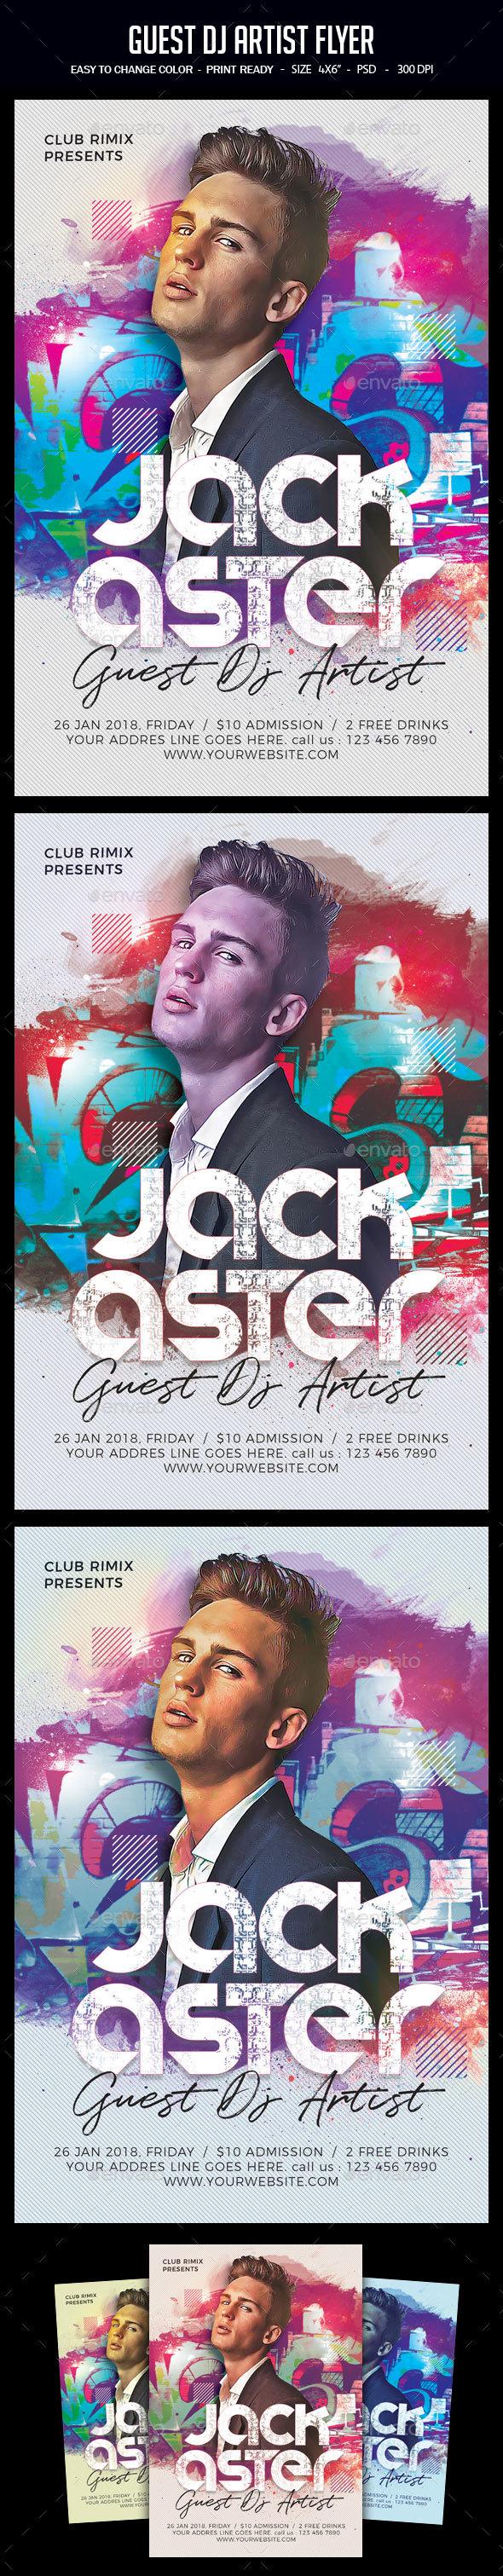 Guest DJ Artist Flyer - Clubs & Parties Events